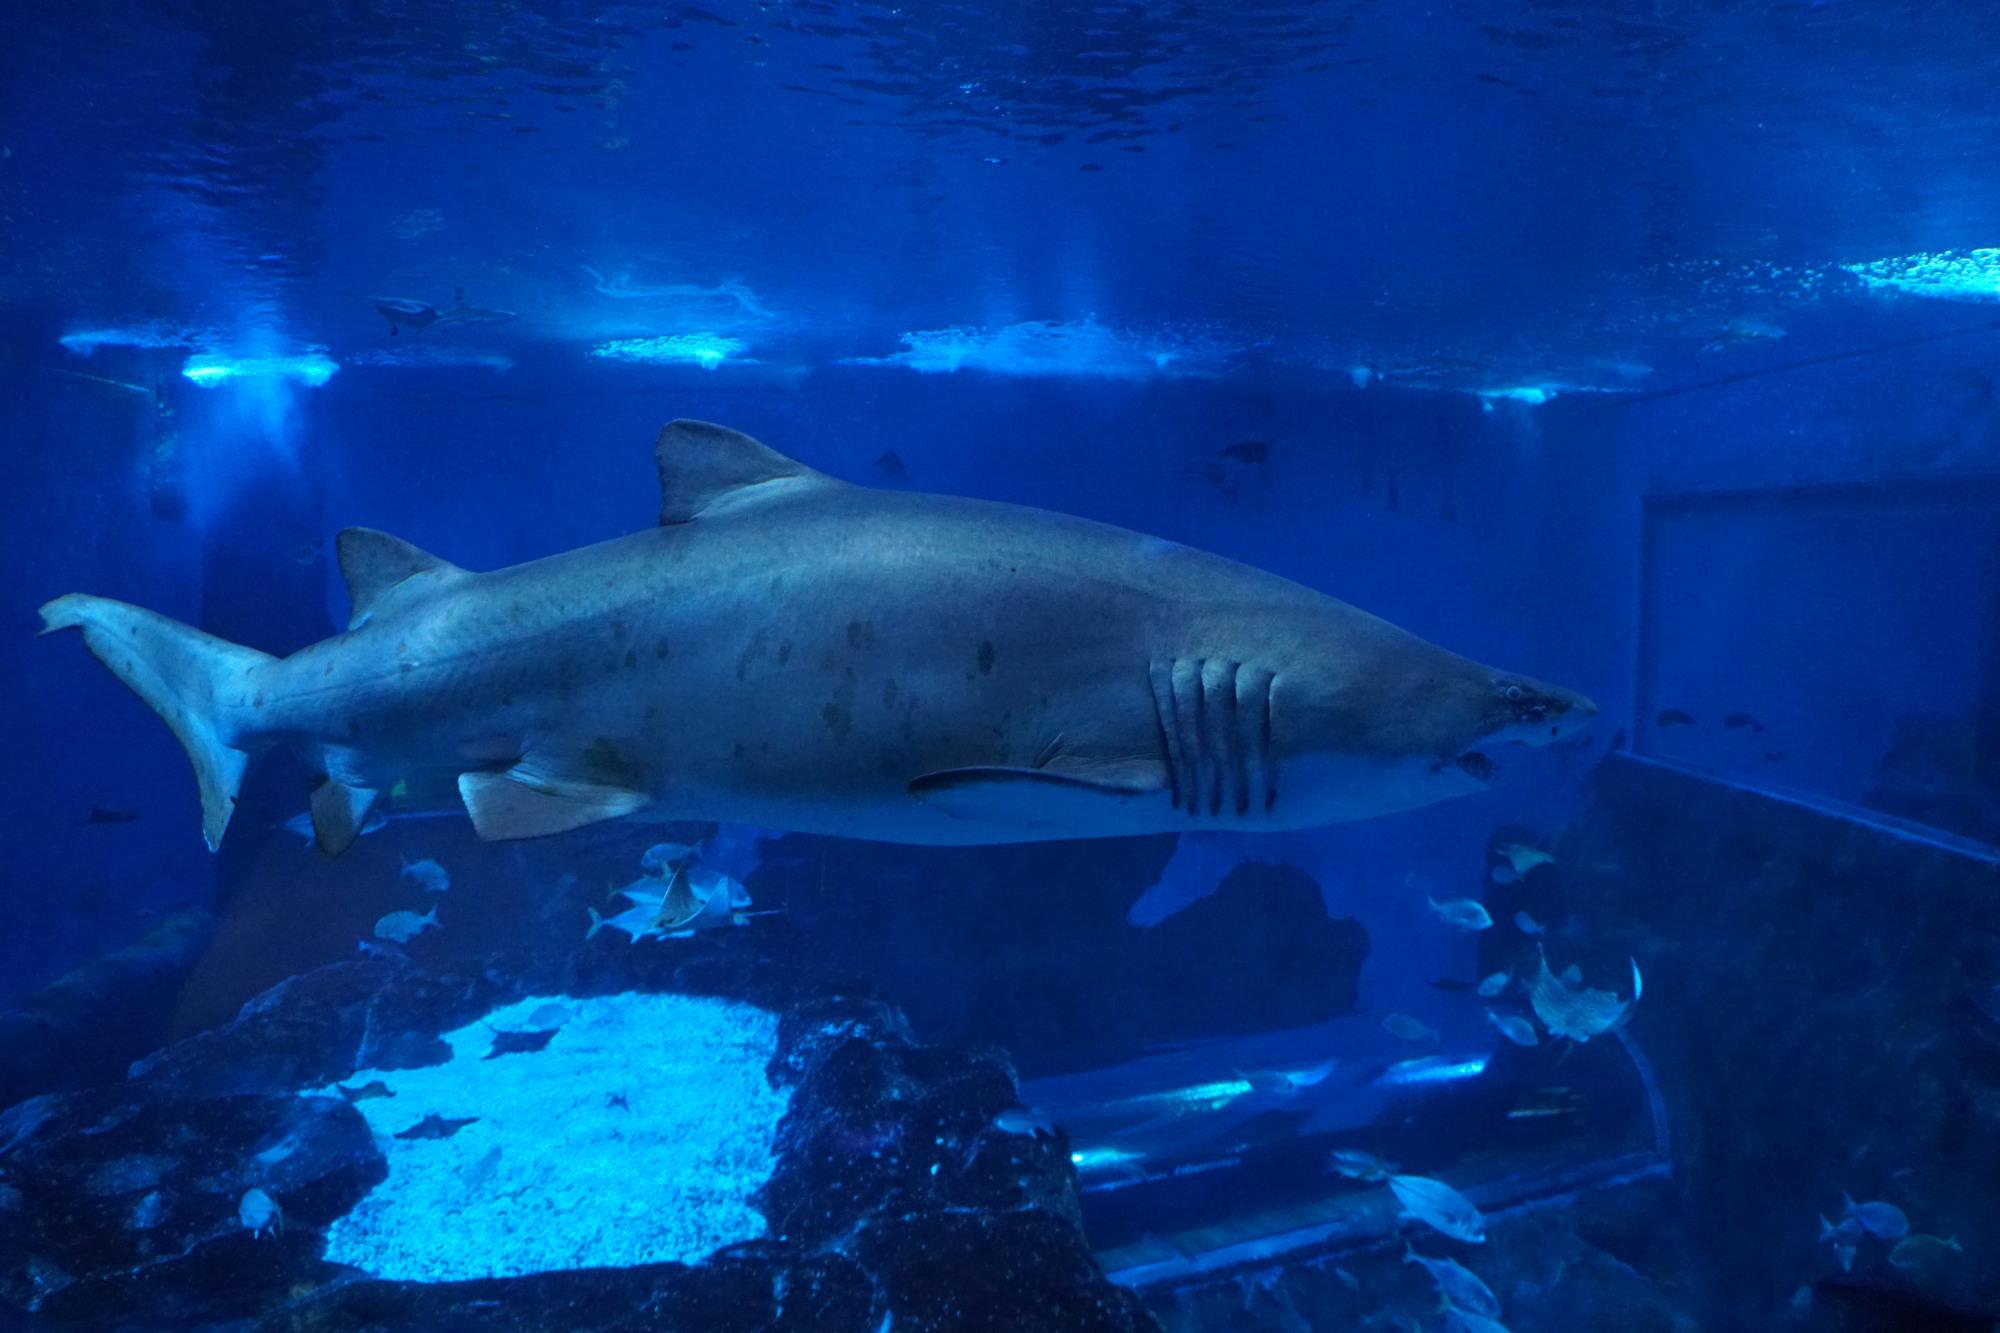 Opini n de acuario de sevilla fascinante interesante - Entradas acuario sevilla ...